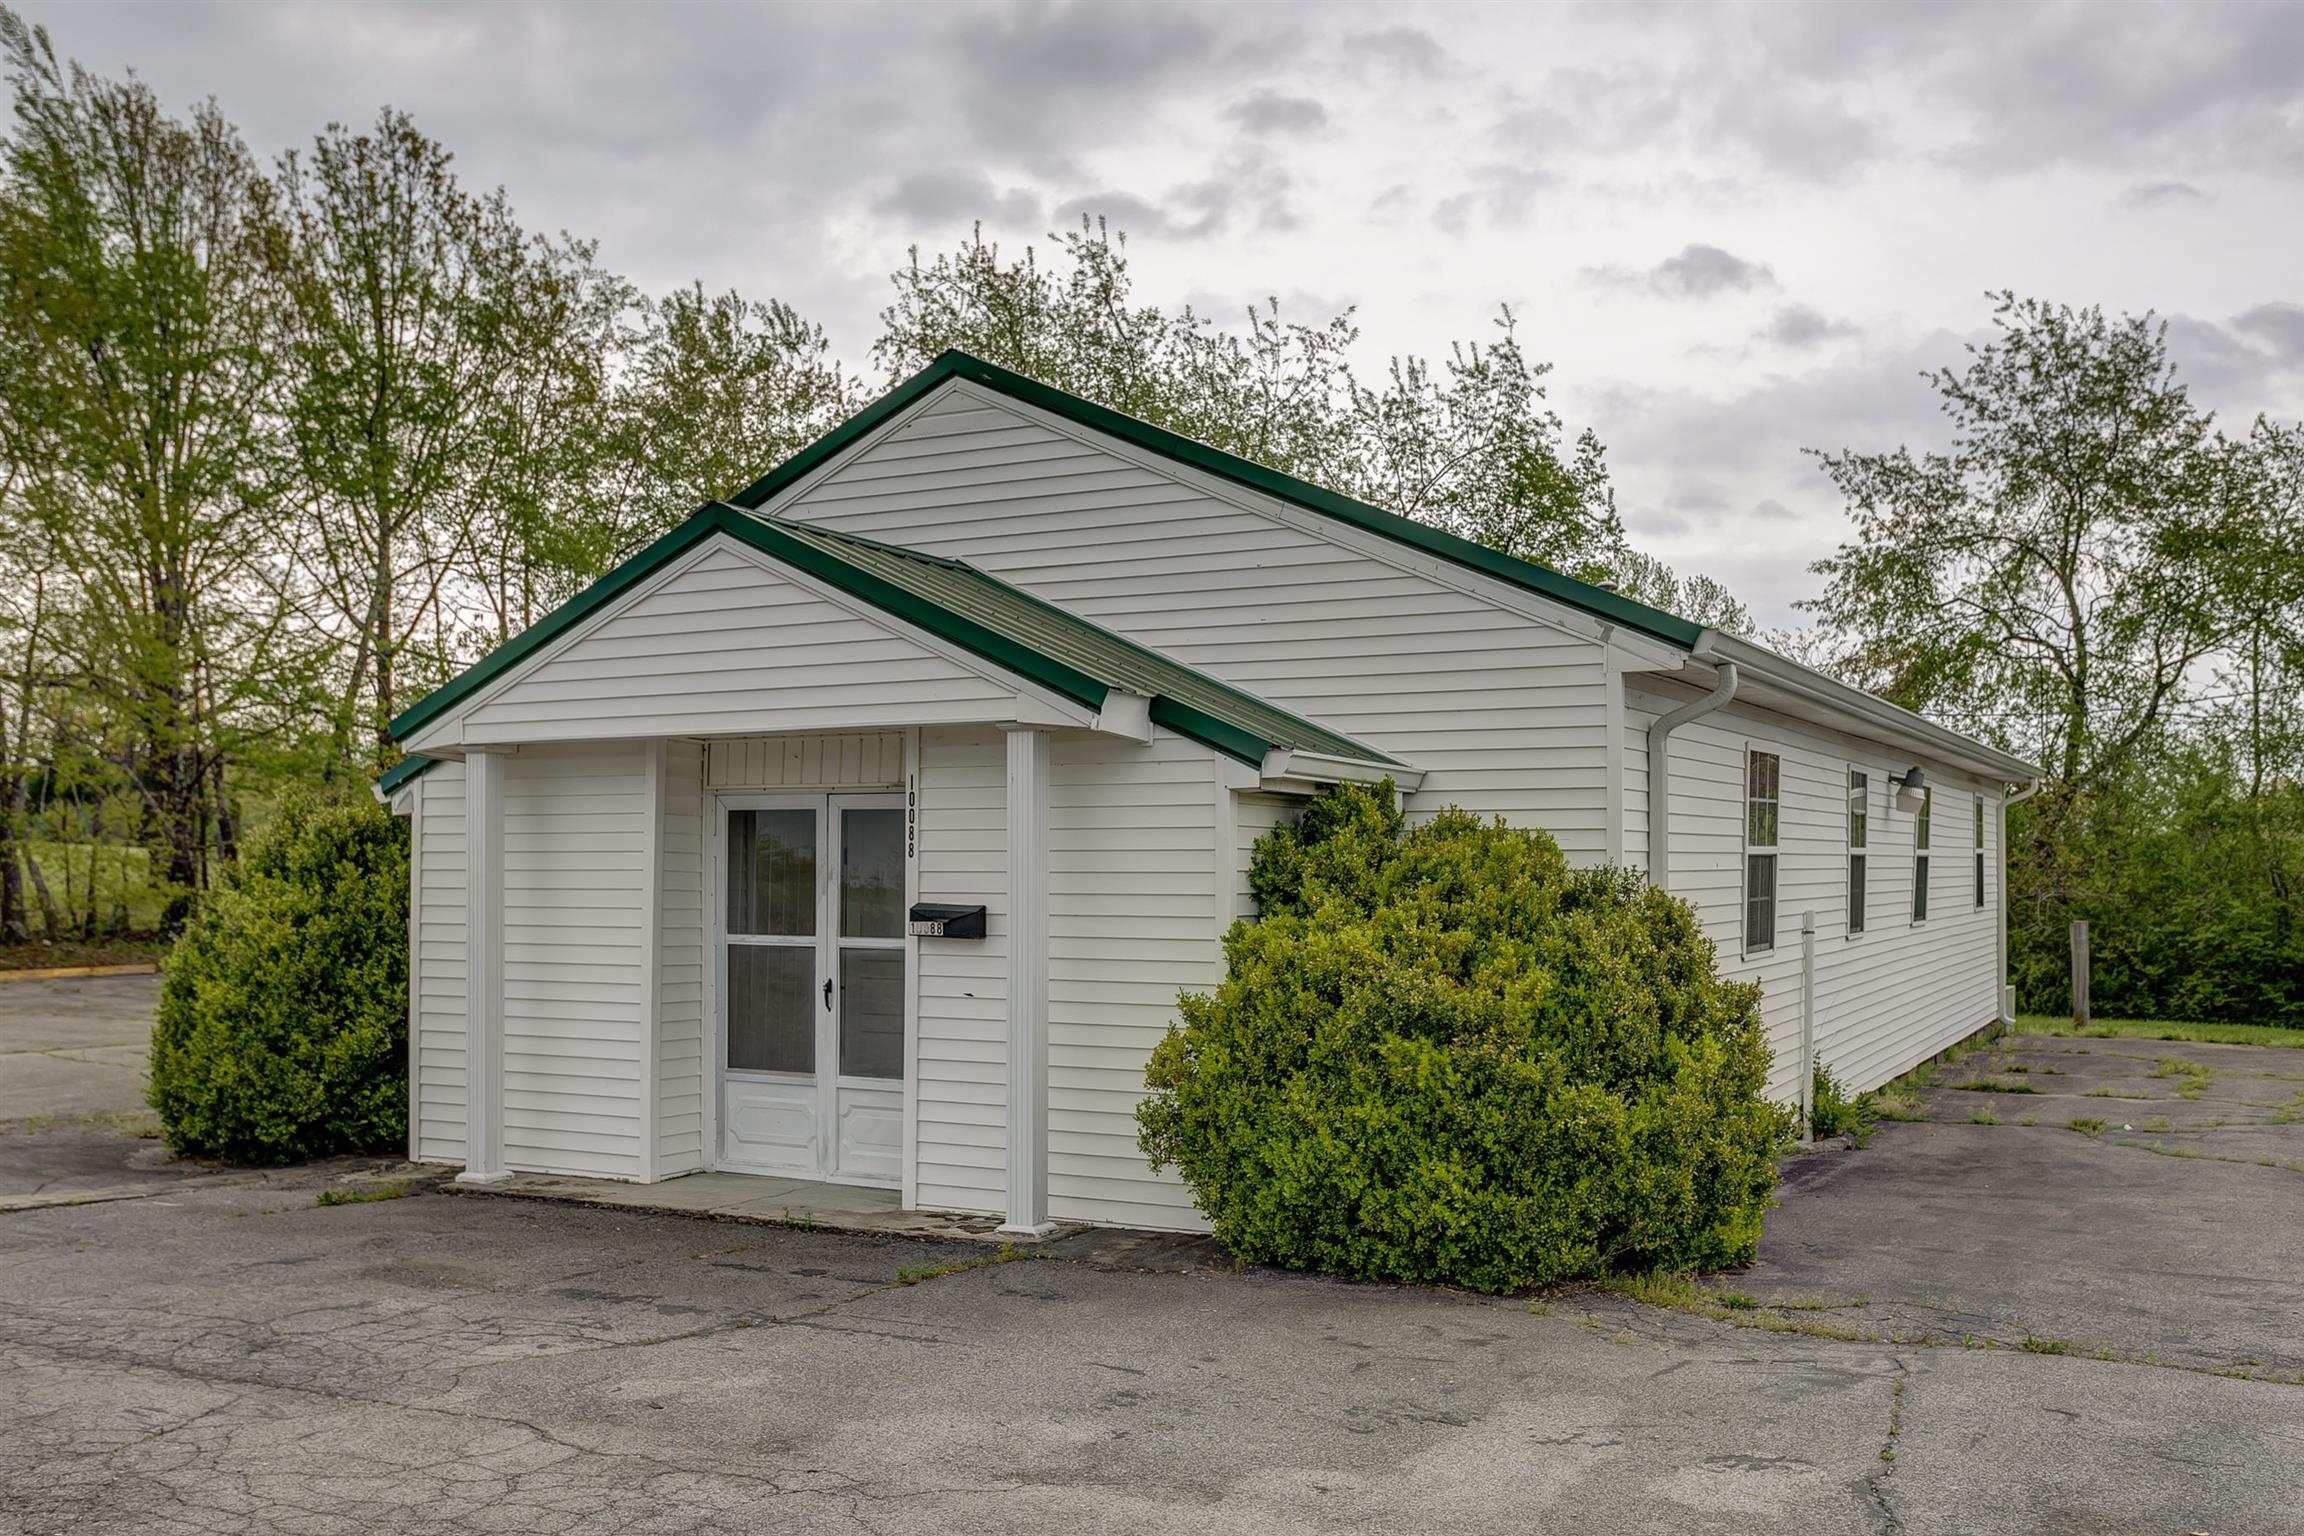 10088 Old Highway 46, Bon Aqua, TN 37025 - Bon Aqua, TN real estate listing